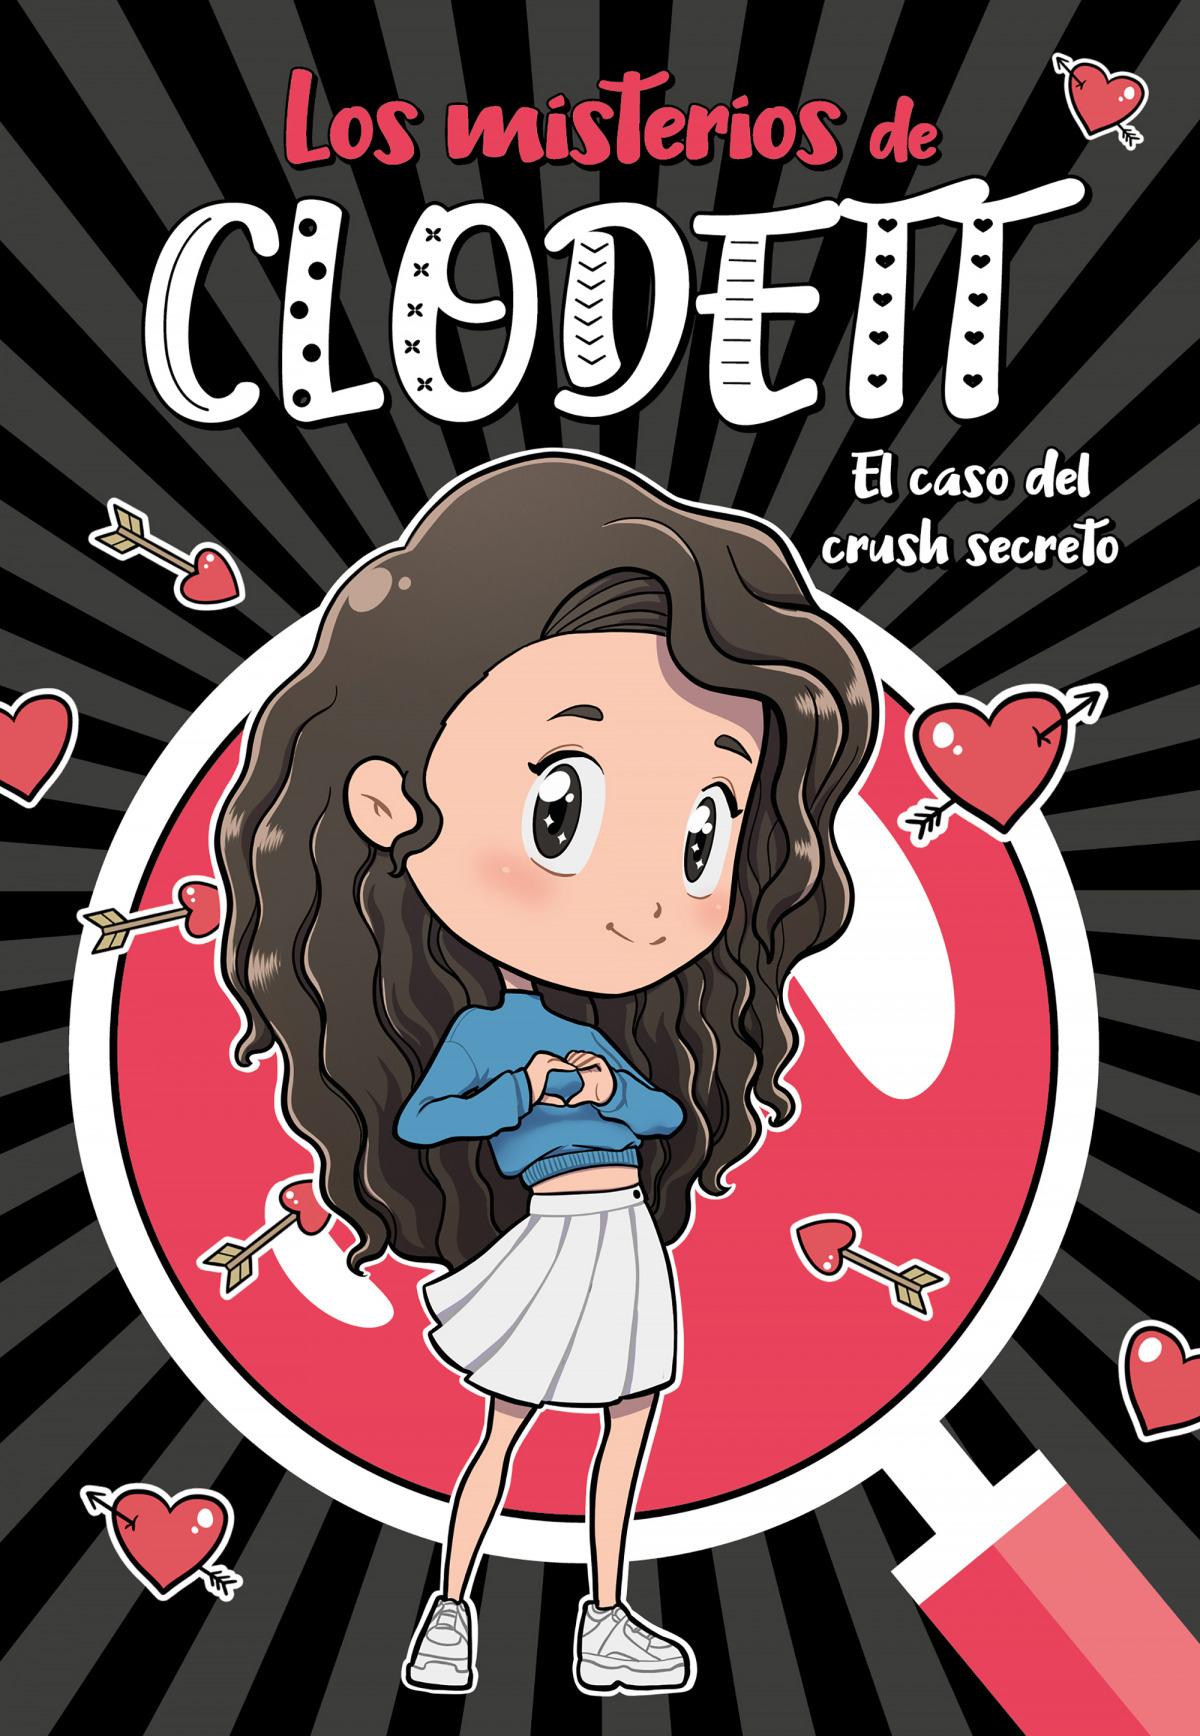 El caso del crush secreto (Misterios de Clodett 2) 9788418038716